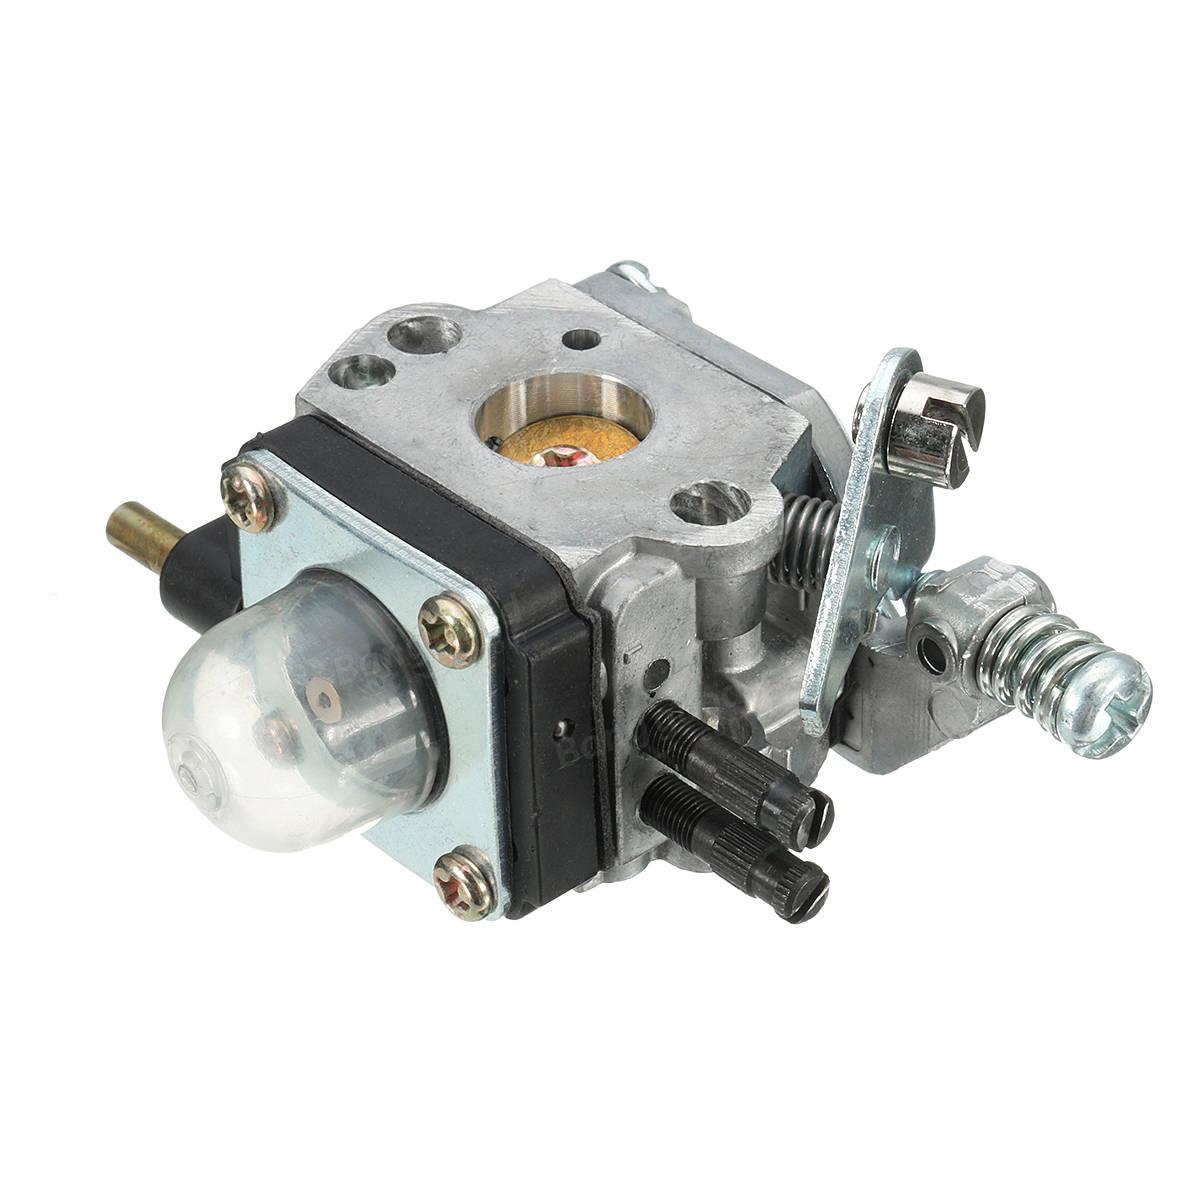 hight resolution of carburetor fuel filter spark plug for mantis 7222 7225 tiller zama c1u k82